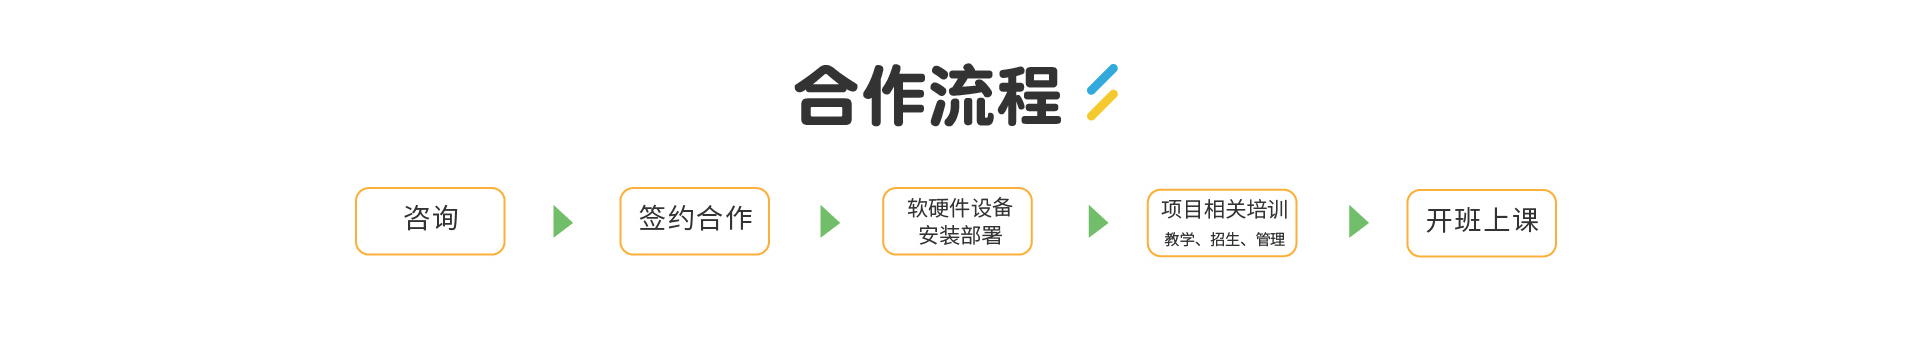 ishow爱秀动漫英语ishow_12